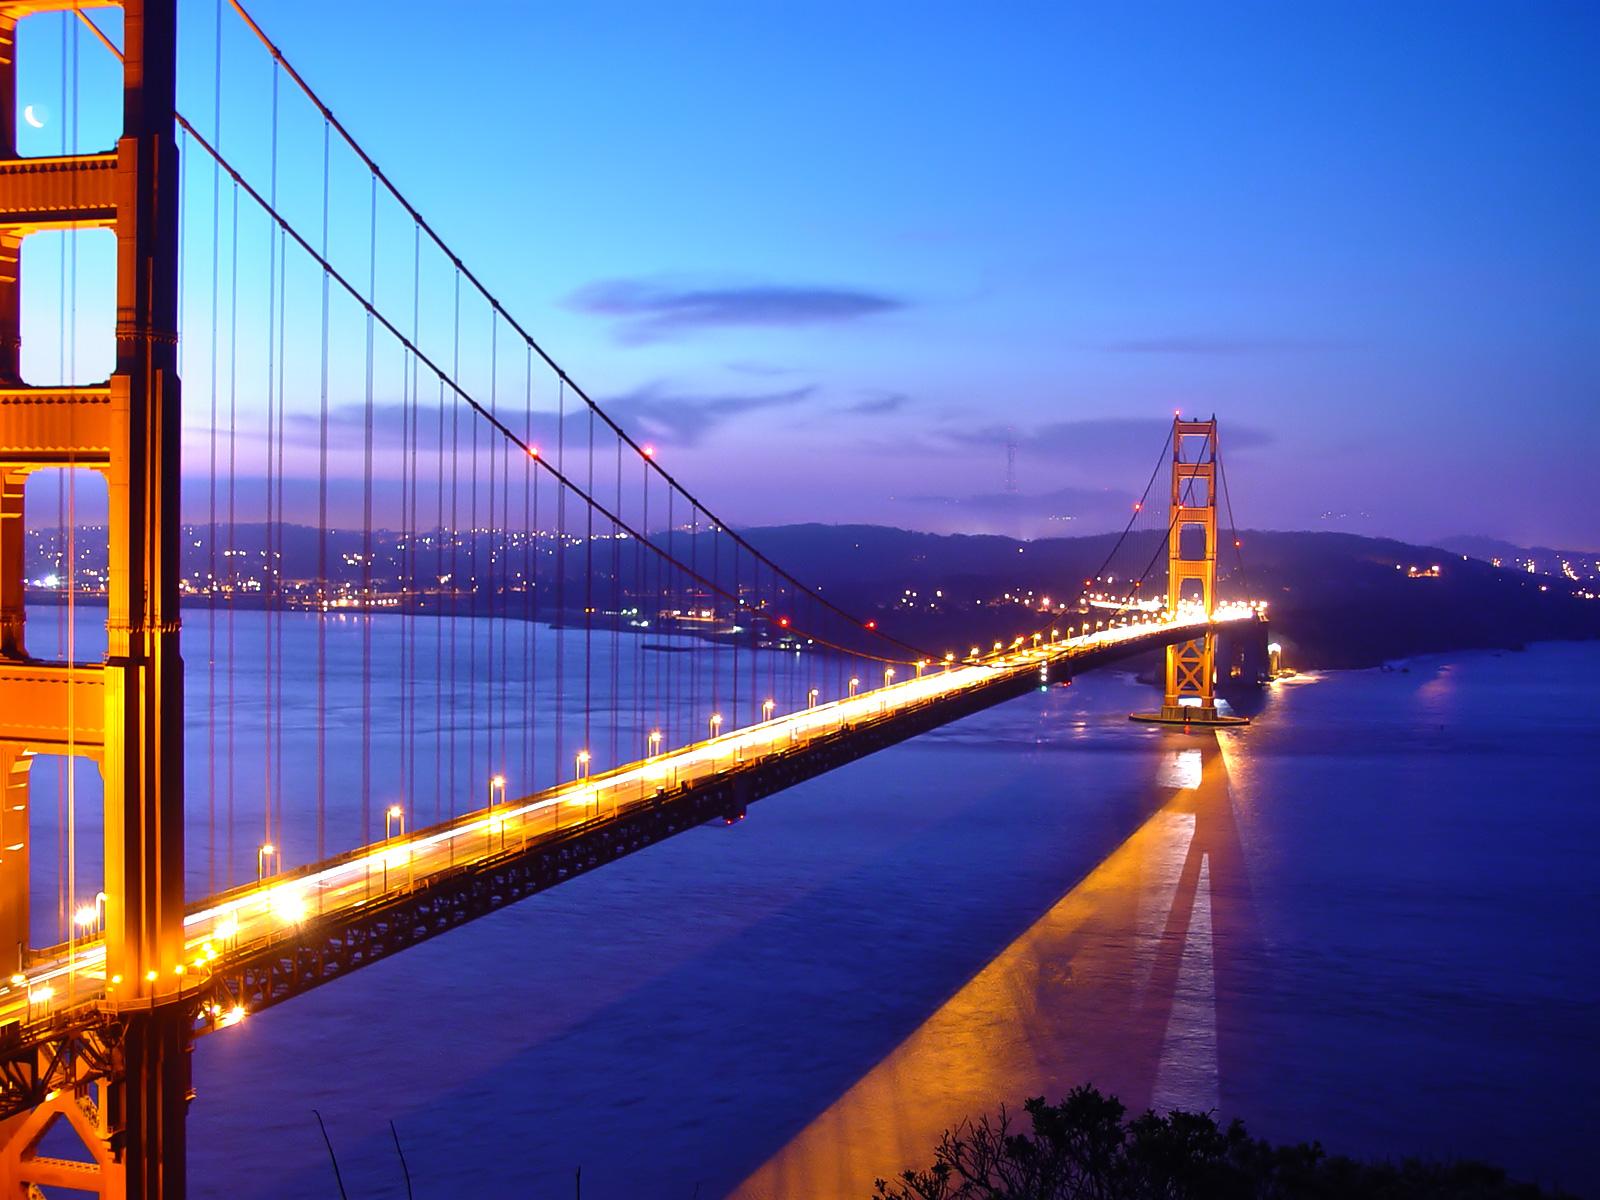 http://3.bp.blogspot.com/-3uv3NxCgYfA/Tde21im3CAI/AAAAAAAACHY/zoZpMa9uxv0/s1600/bridge_6.jpg